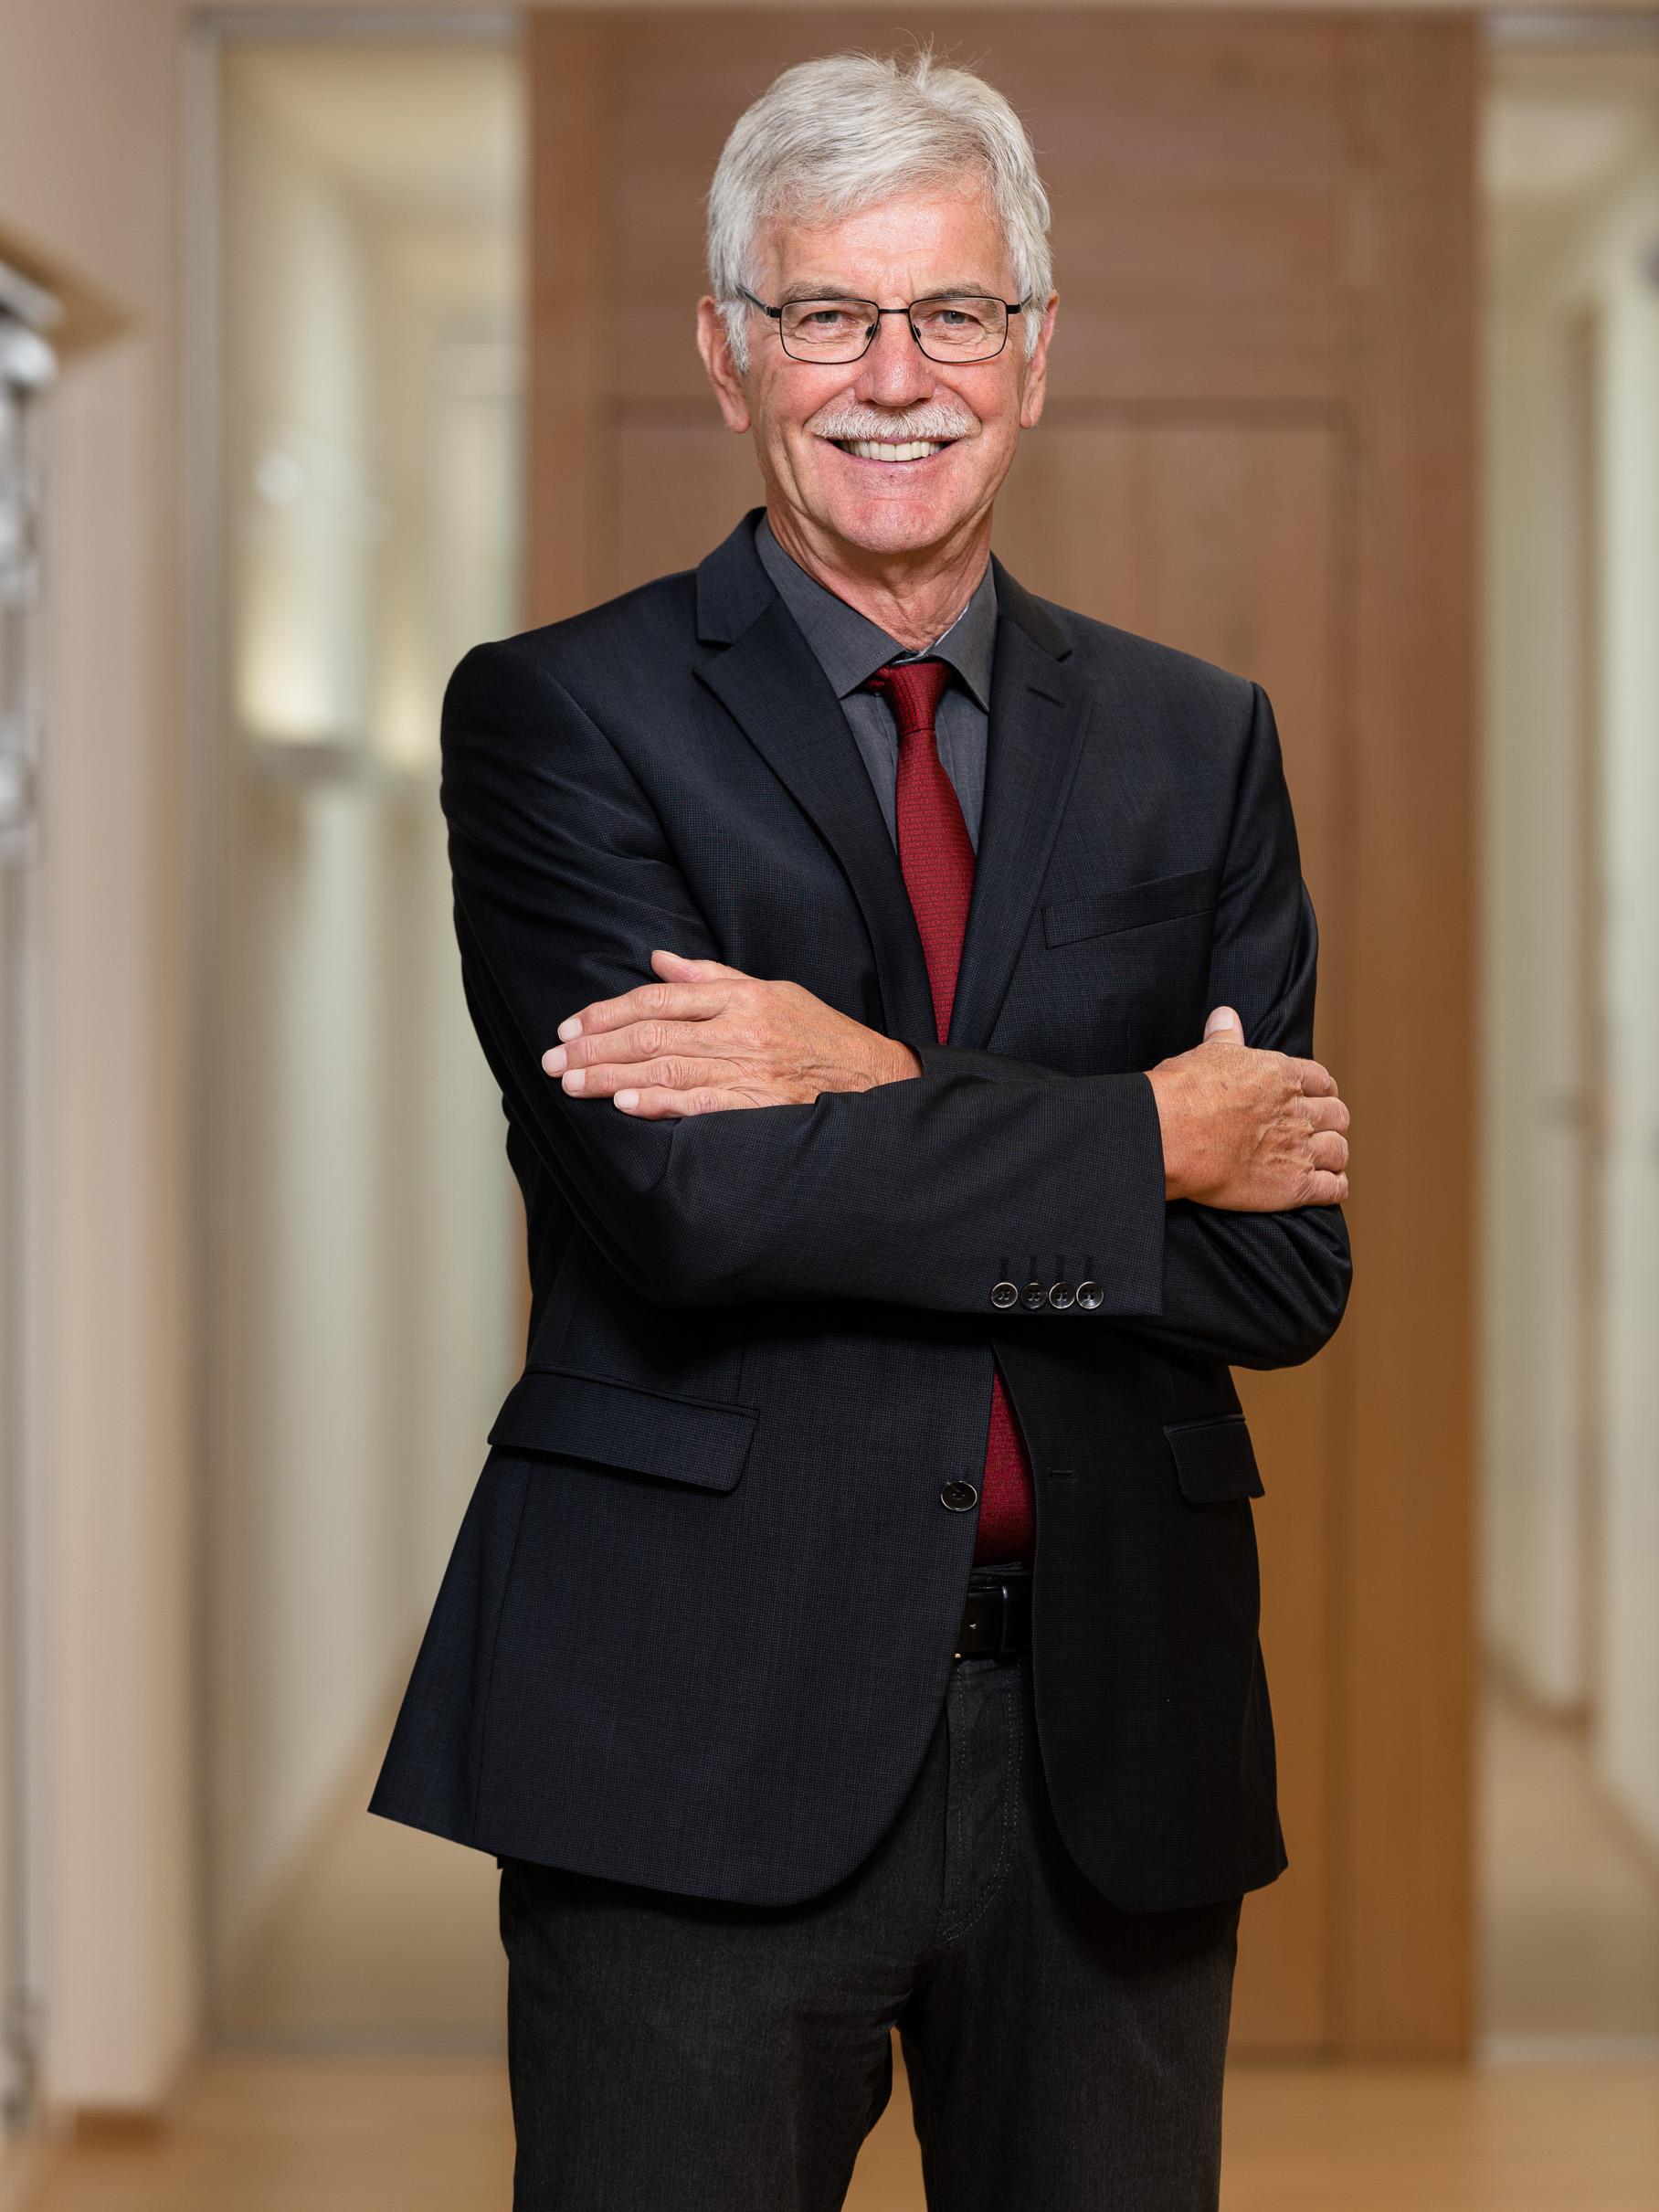 Josef Frauscher